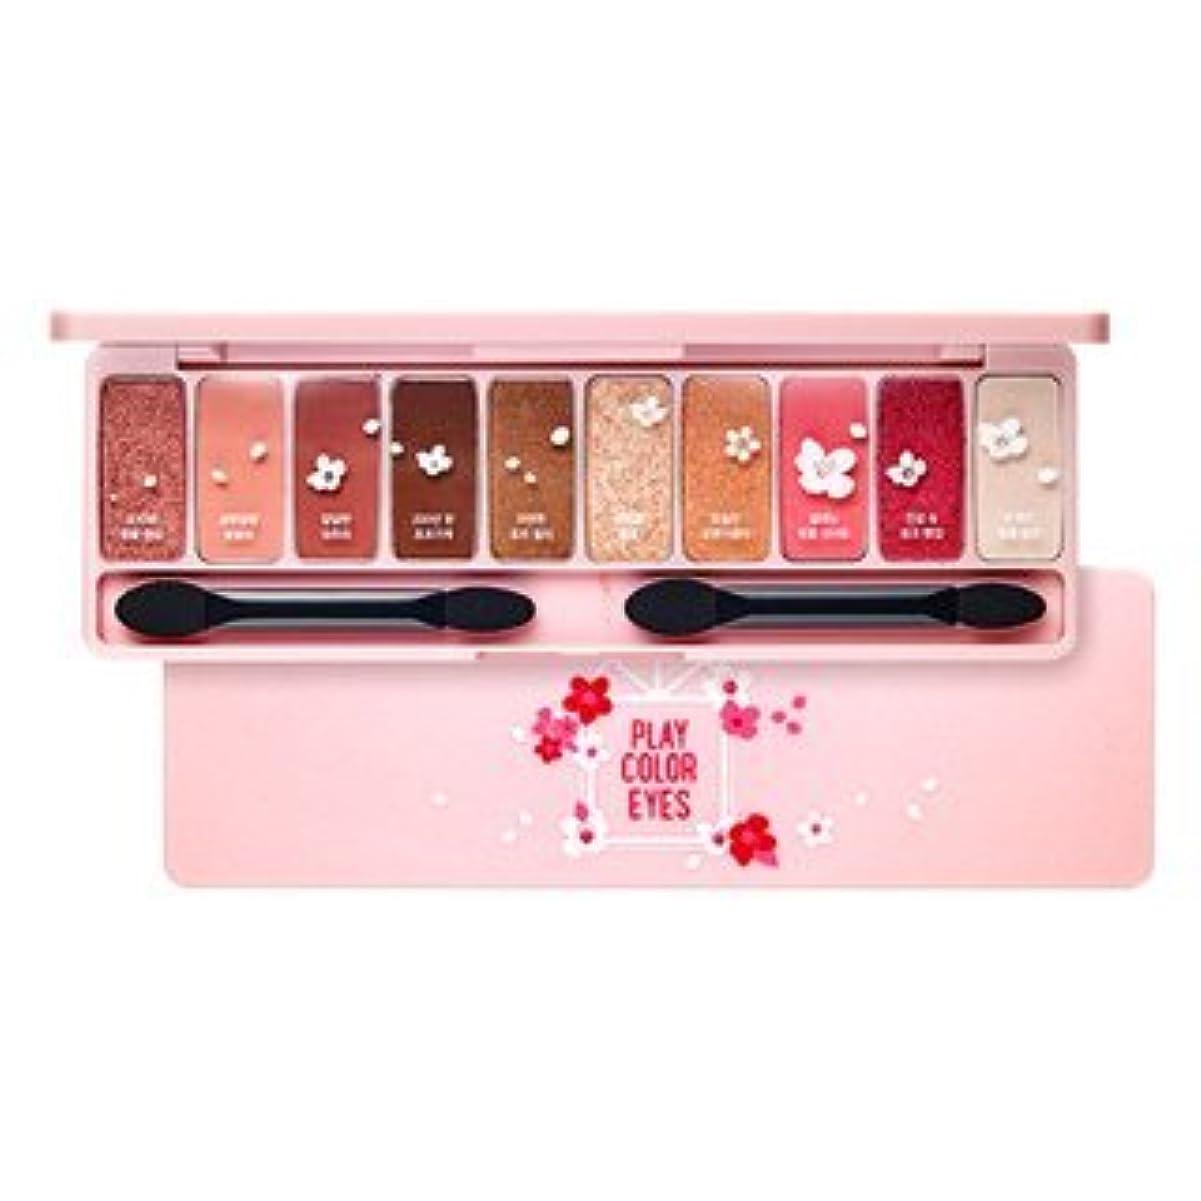 不合格みなさん会計士ETUDE HOUSE Play Color Eyes Cherry Blossom / エチュードハウス プレイカラーアイズチェリーブロッサム 1g x10